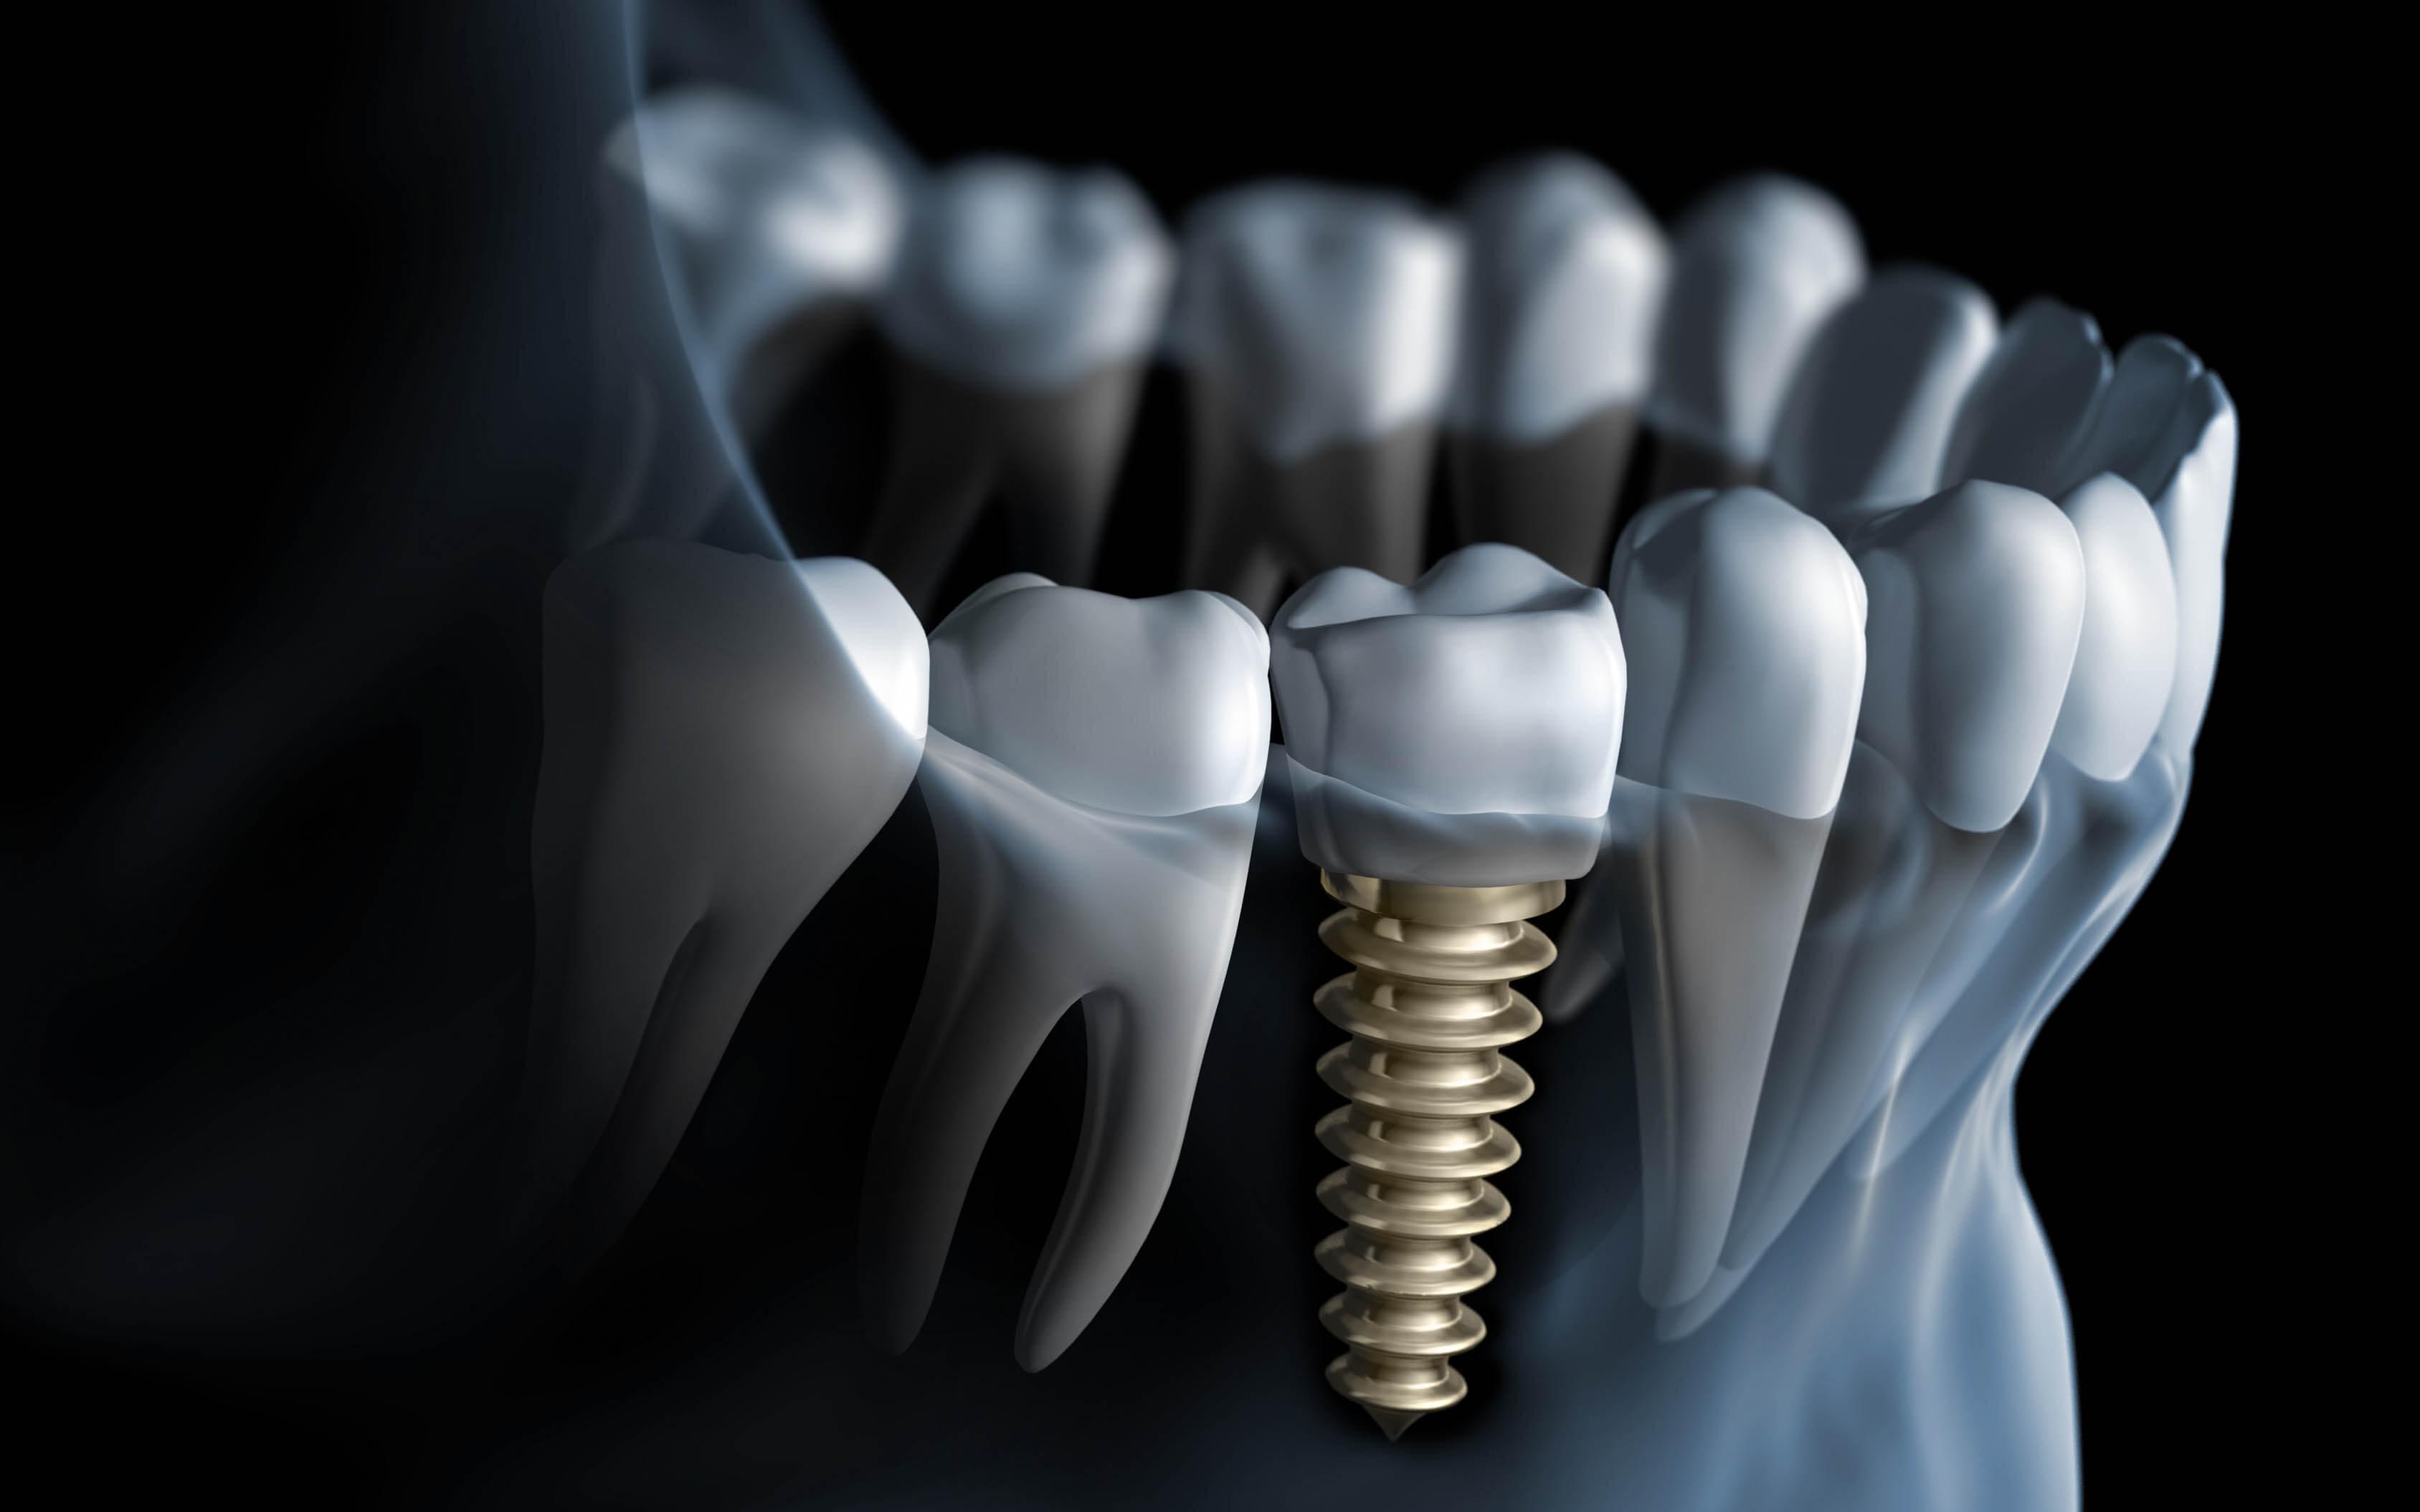 implantatbehandlingar och kirurgi solna stockholm